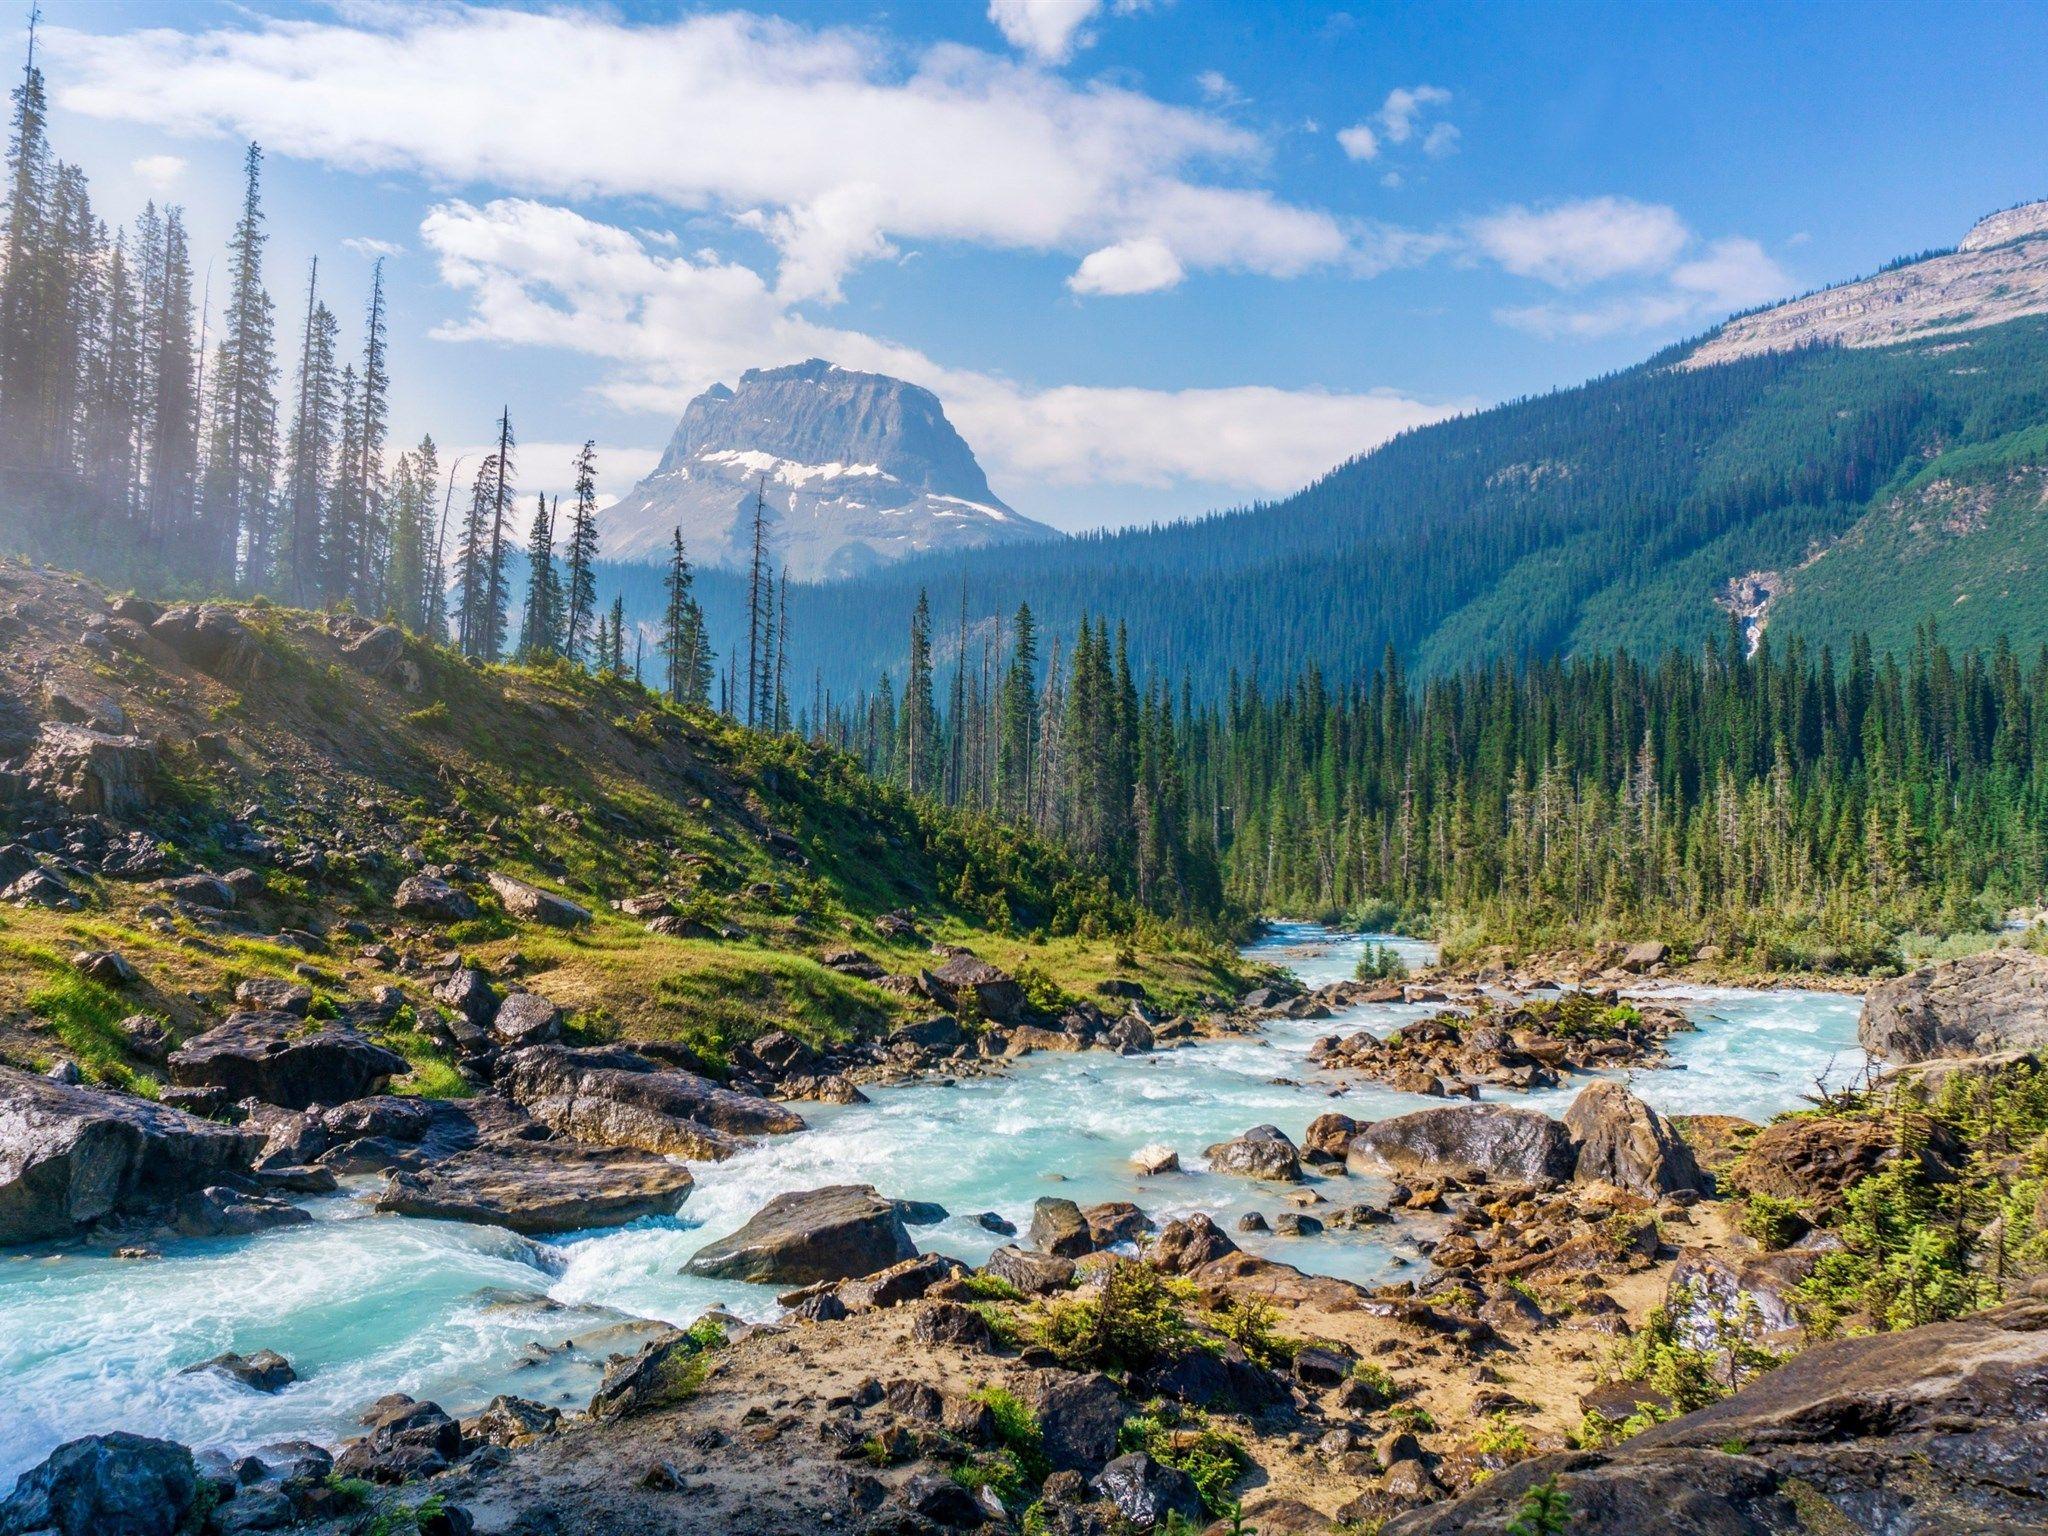 Riviere De Montagne L Ete La Foret Les Arbres Les Aiguilles De Pin Canada Paysage De Montagne Canada Paysage Paysage Riviere Paysage Montagne